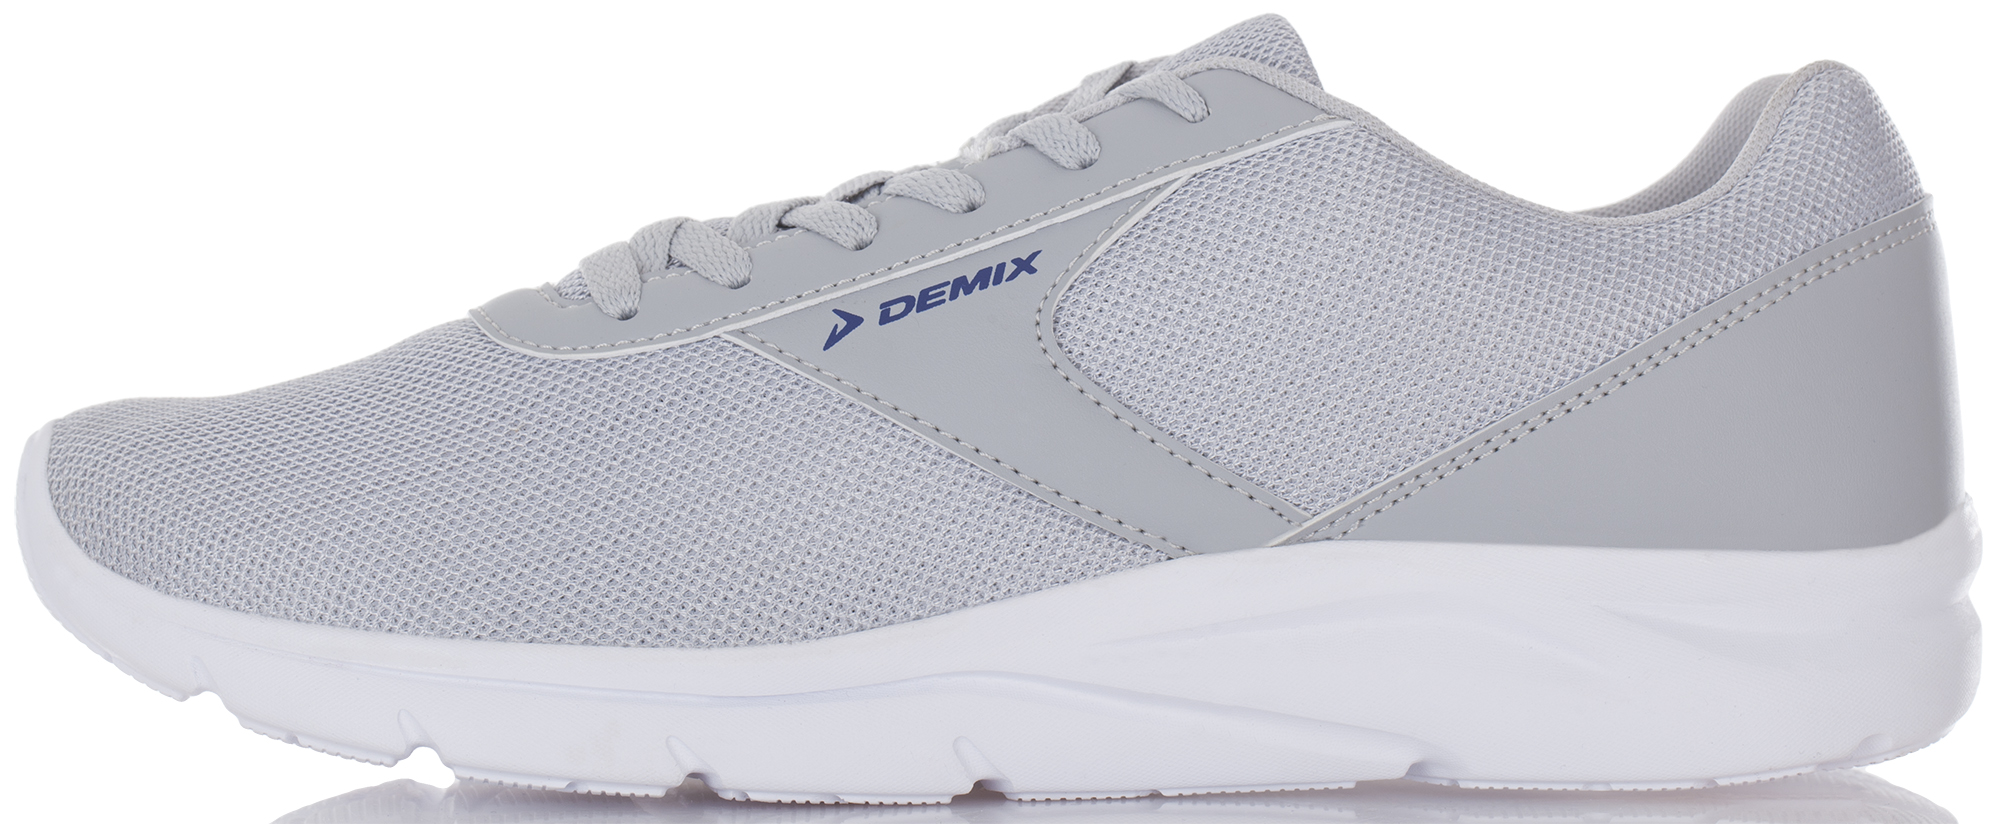 Demix Кроссовки мужские Demix Fluid, размер 47 demix кроссовки мужские demix nashville